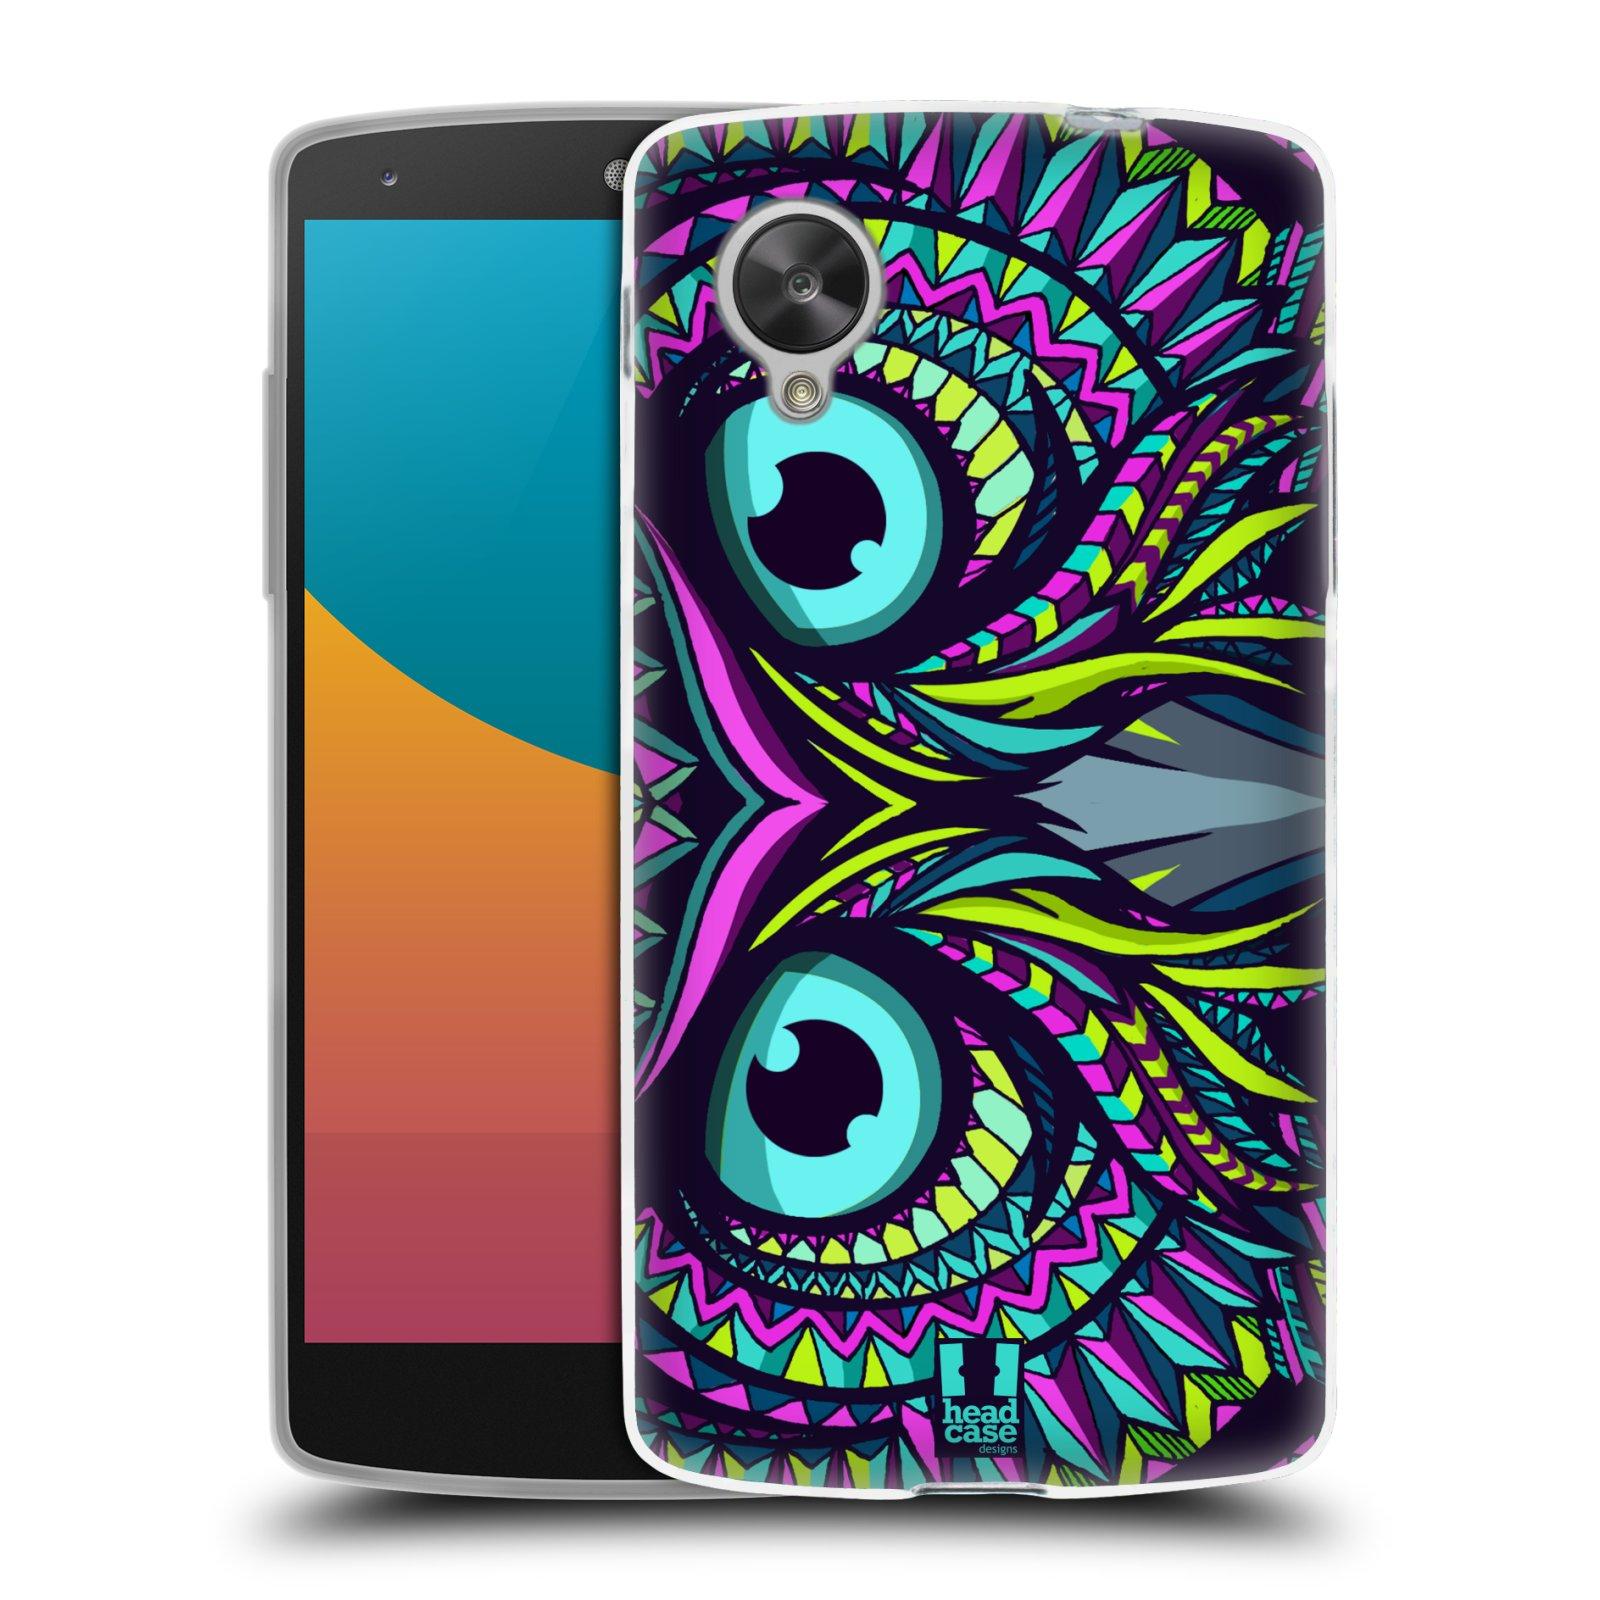 Silikonové pouzdro na mobil LG Nexus 5 HEAD CASE AZTEC SOVA (Silikonový kryt či obal na mobilní telefon LG Google Nexus 5 D821)